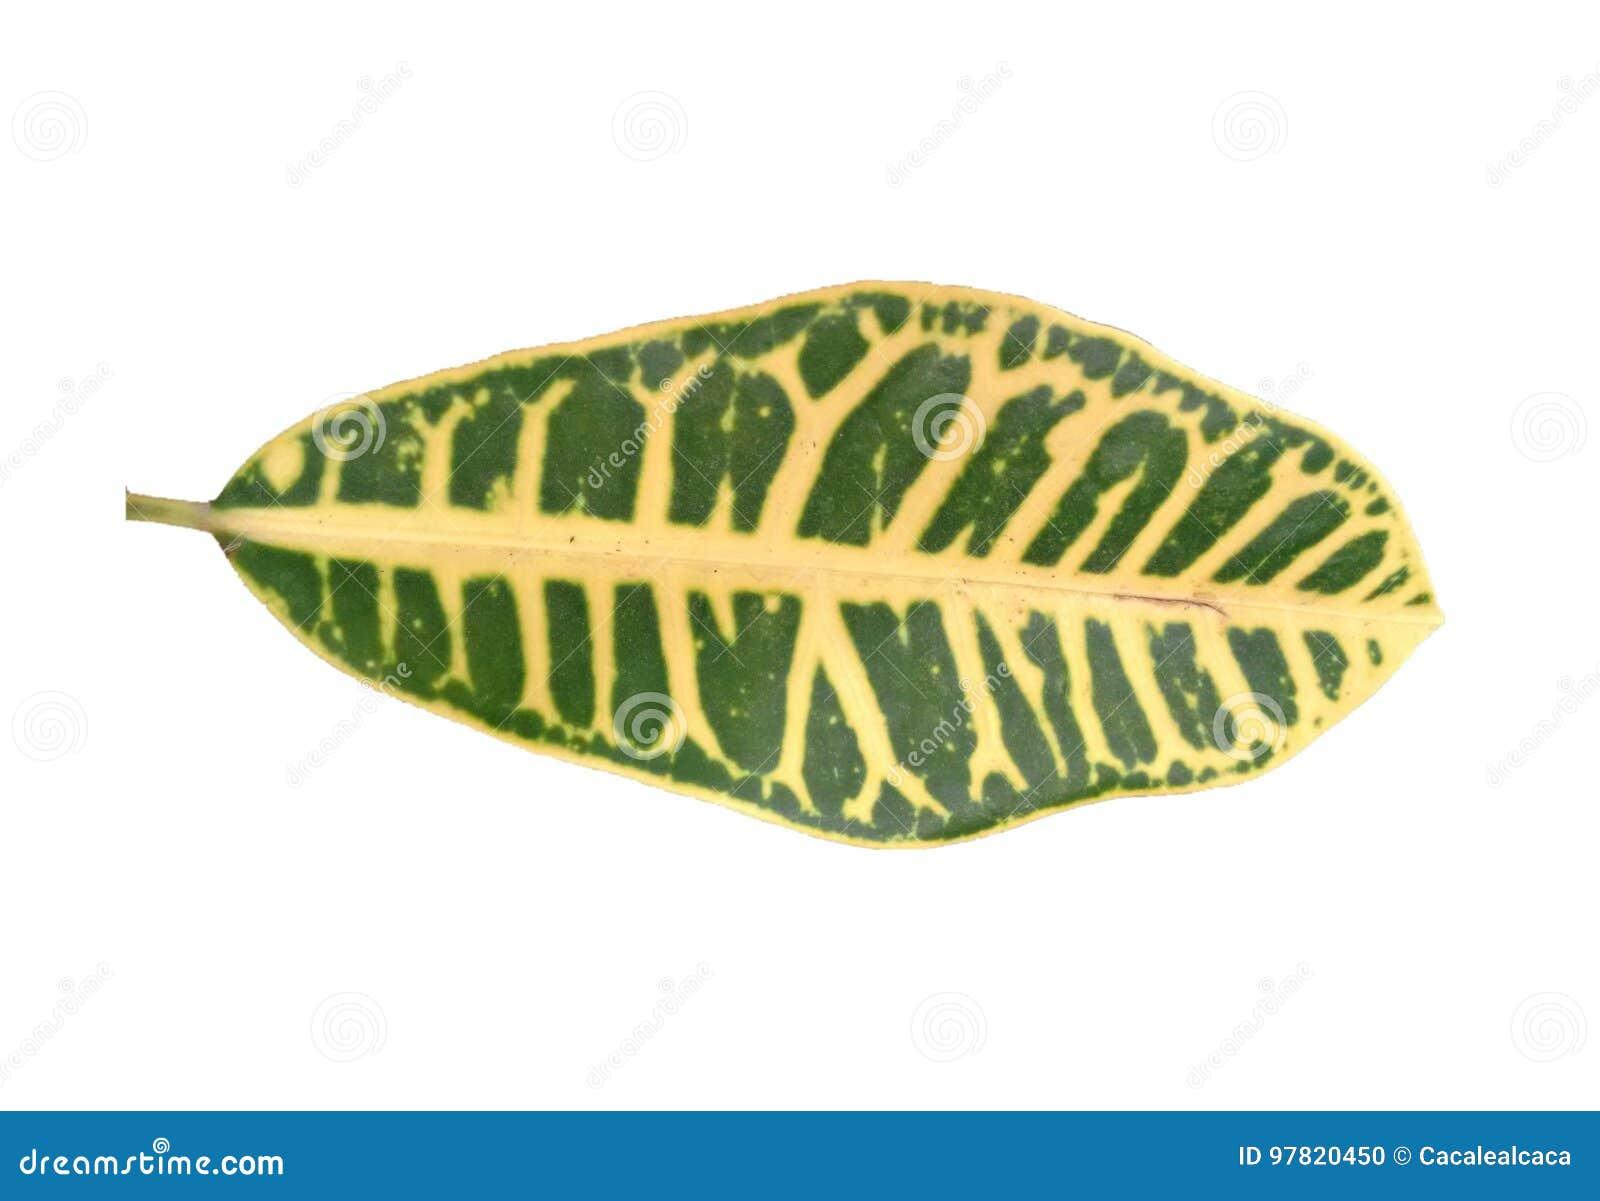 Croton leaf - Green